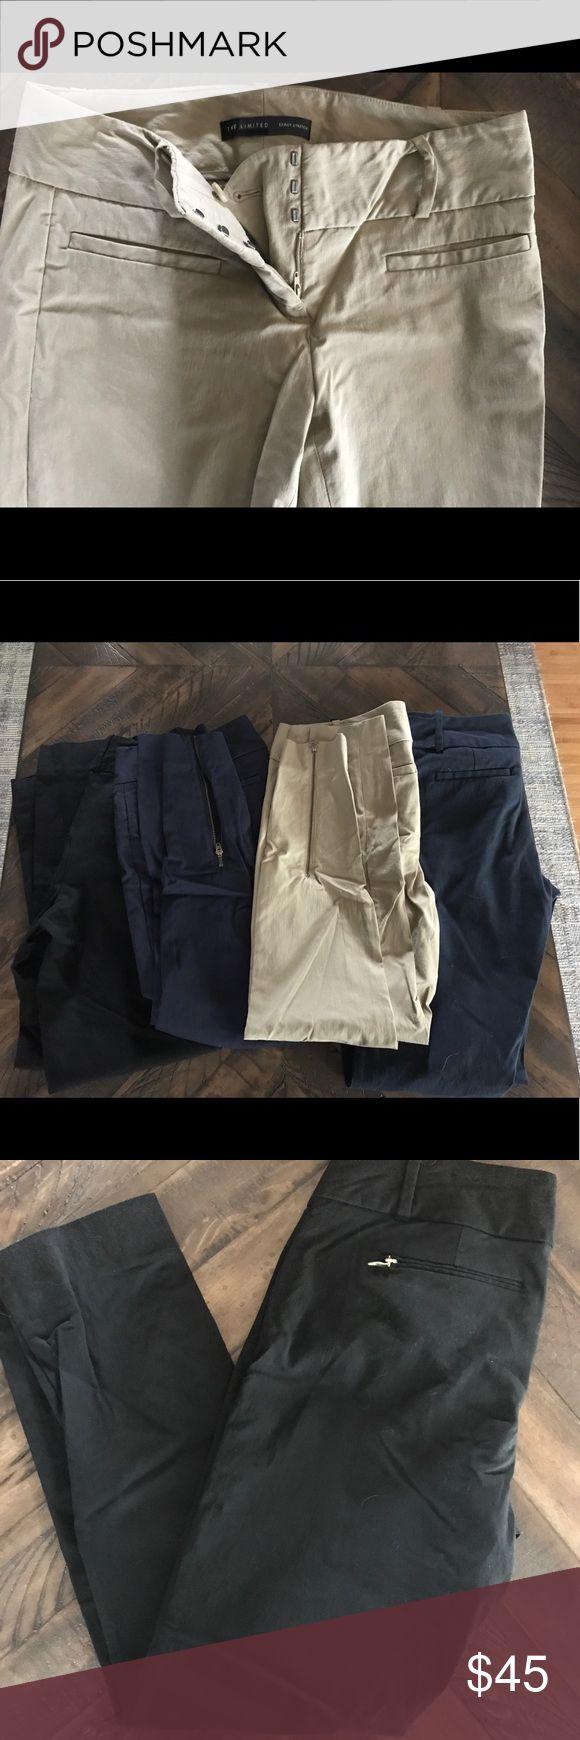 Size 1 long dress pants cheap